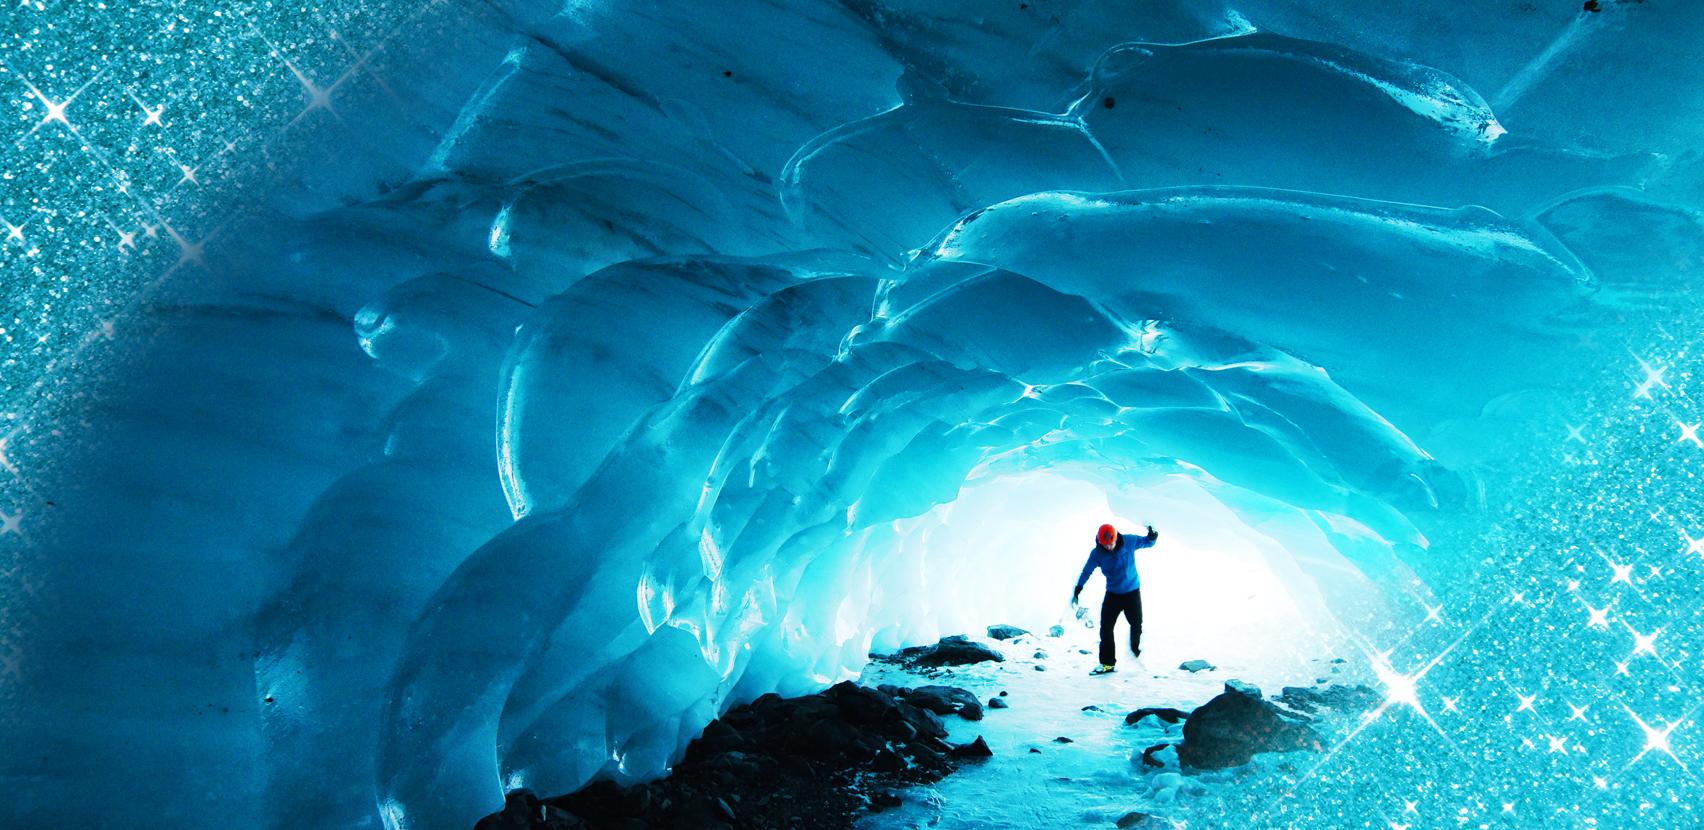 Nella Crystal Cave del Parco Nazionale di Skaftafell, grotta di ghiaccio surreale e bellissima